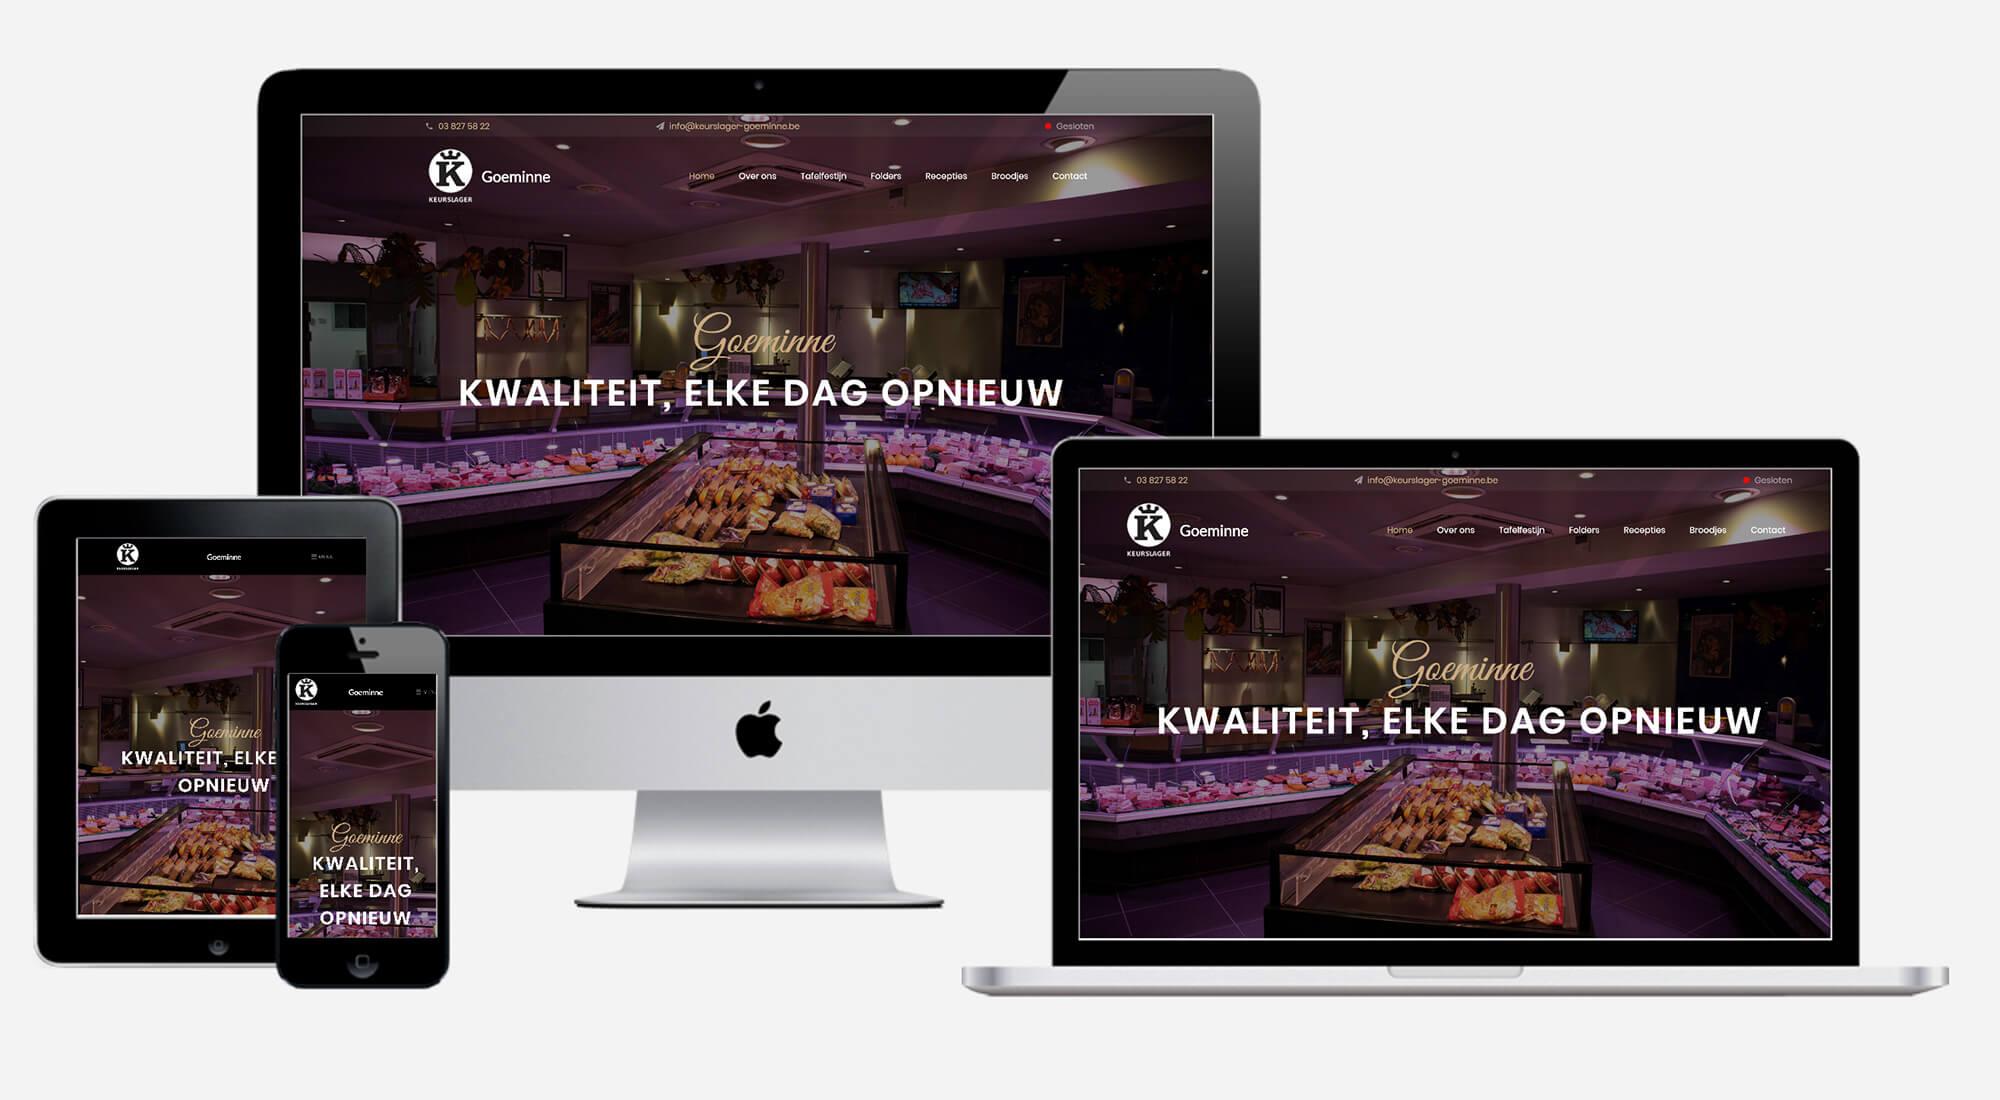 Keurslager Goeminne website preview